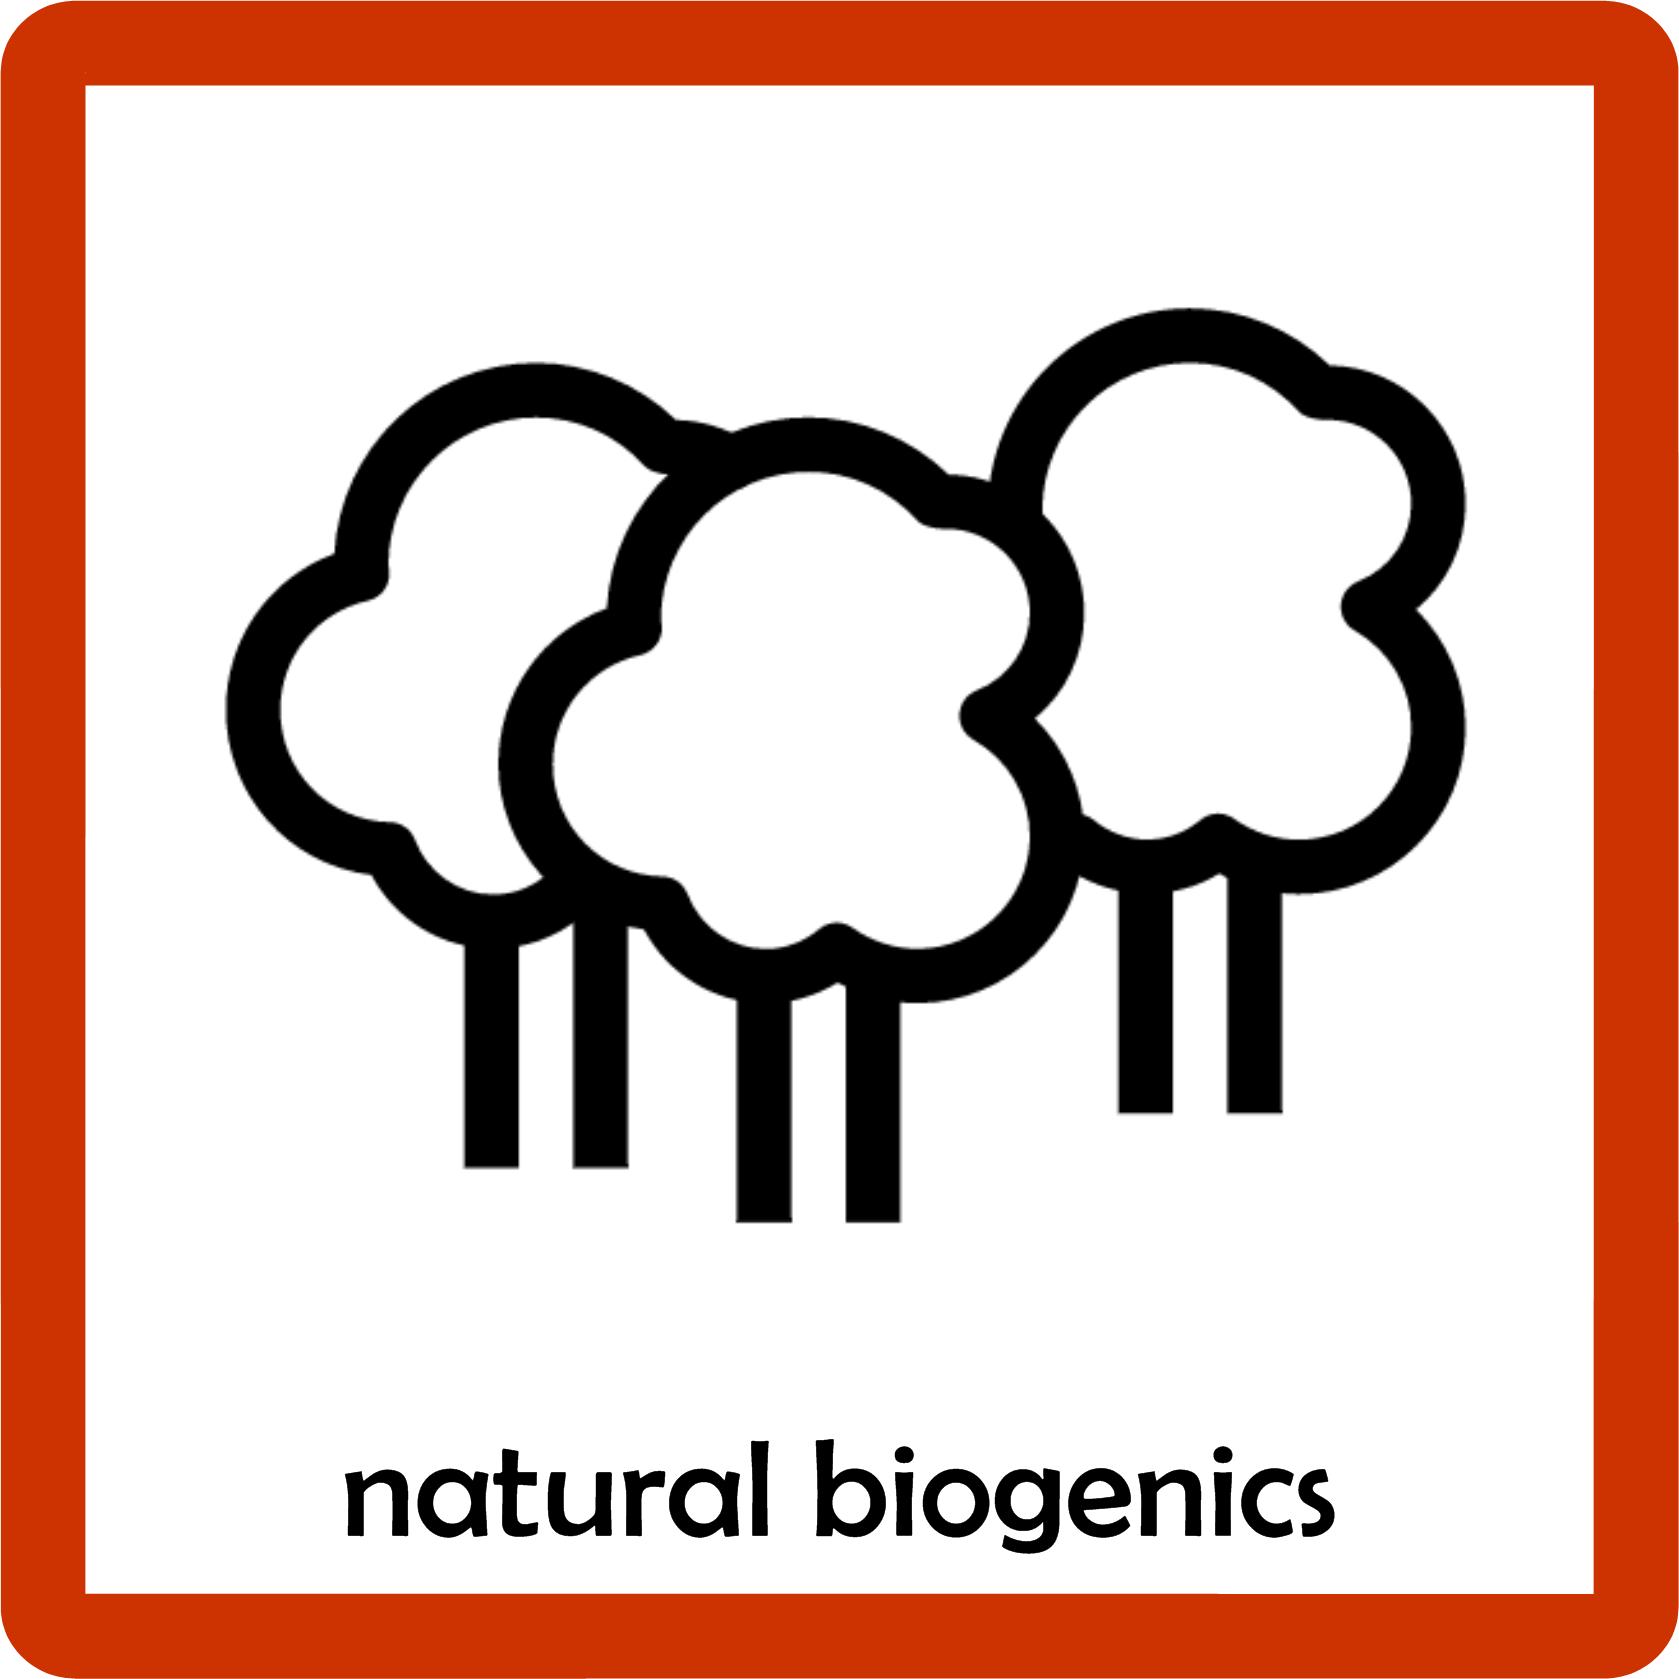 Biogenic Emissions